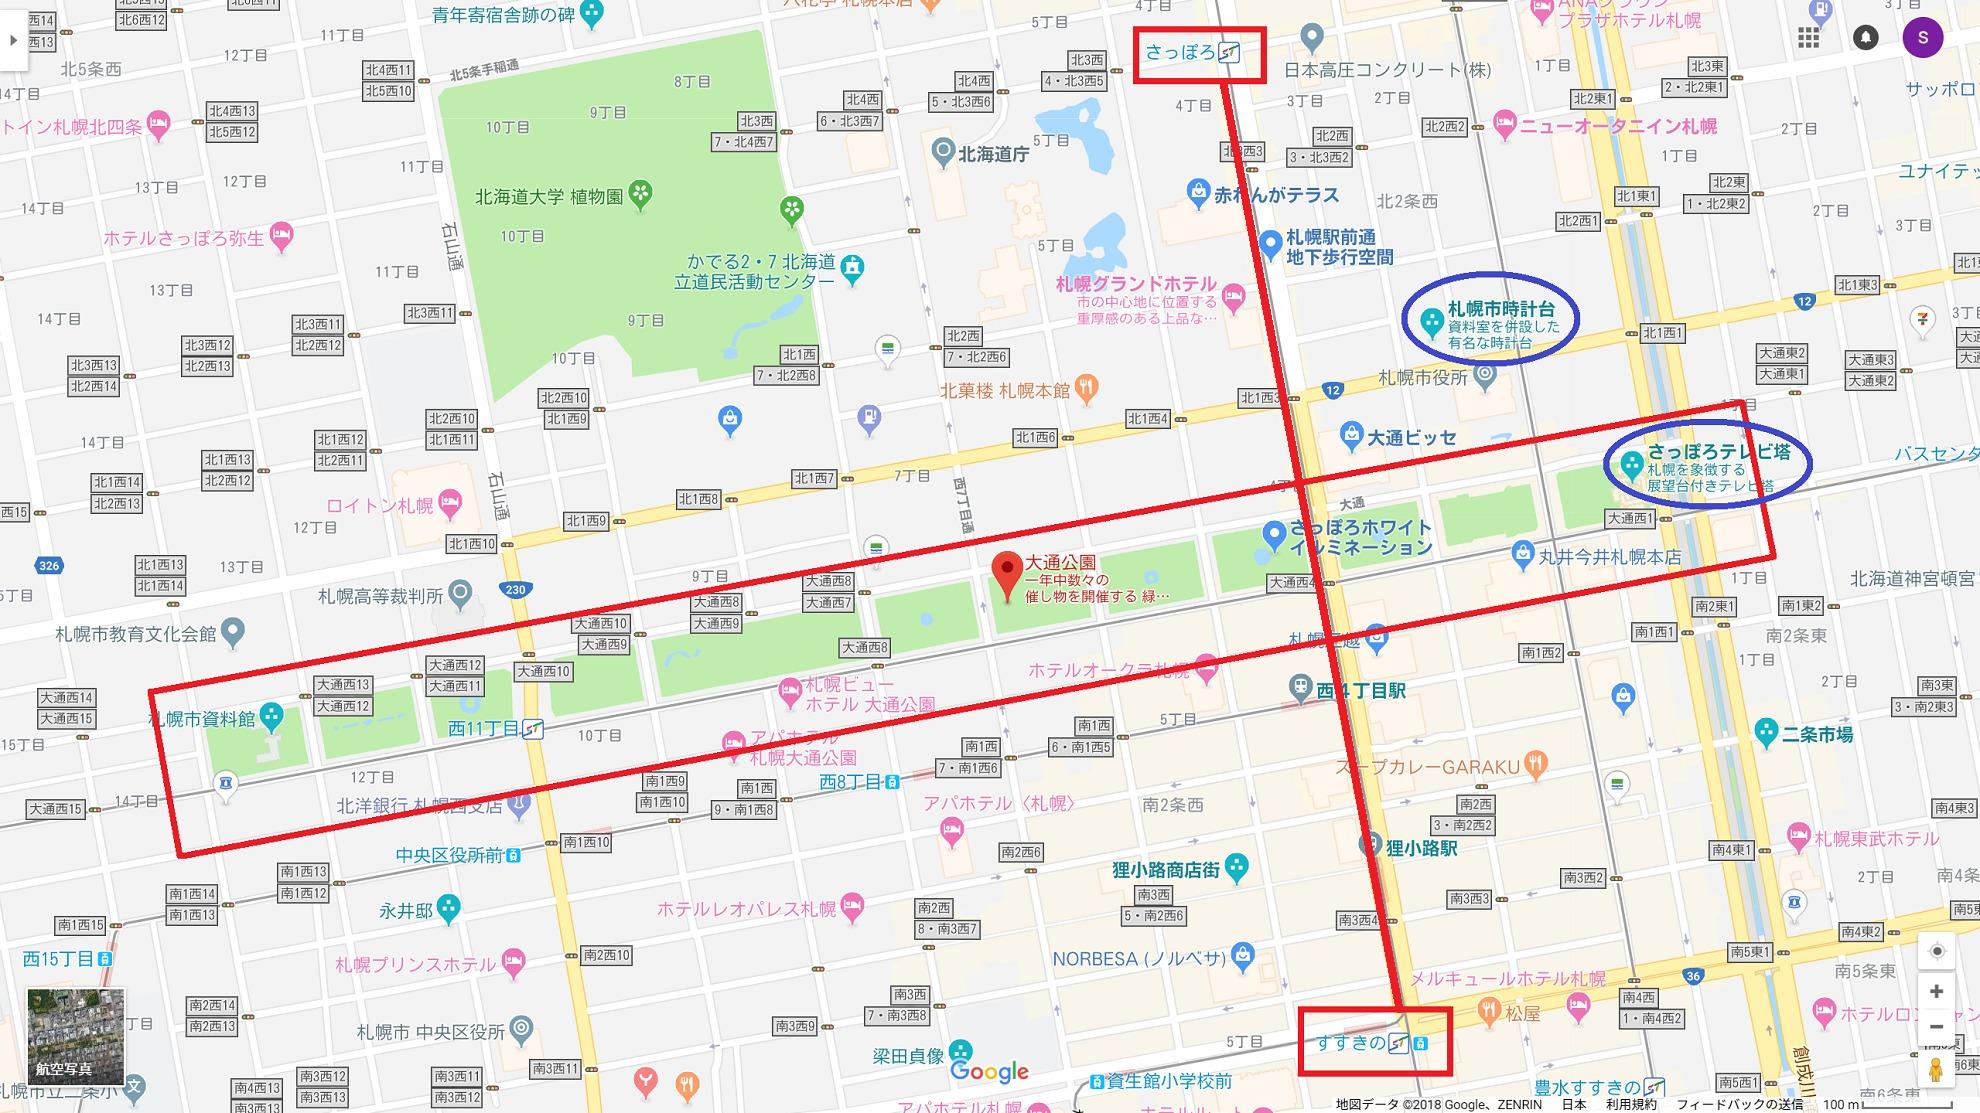 札幌都心部の地図